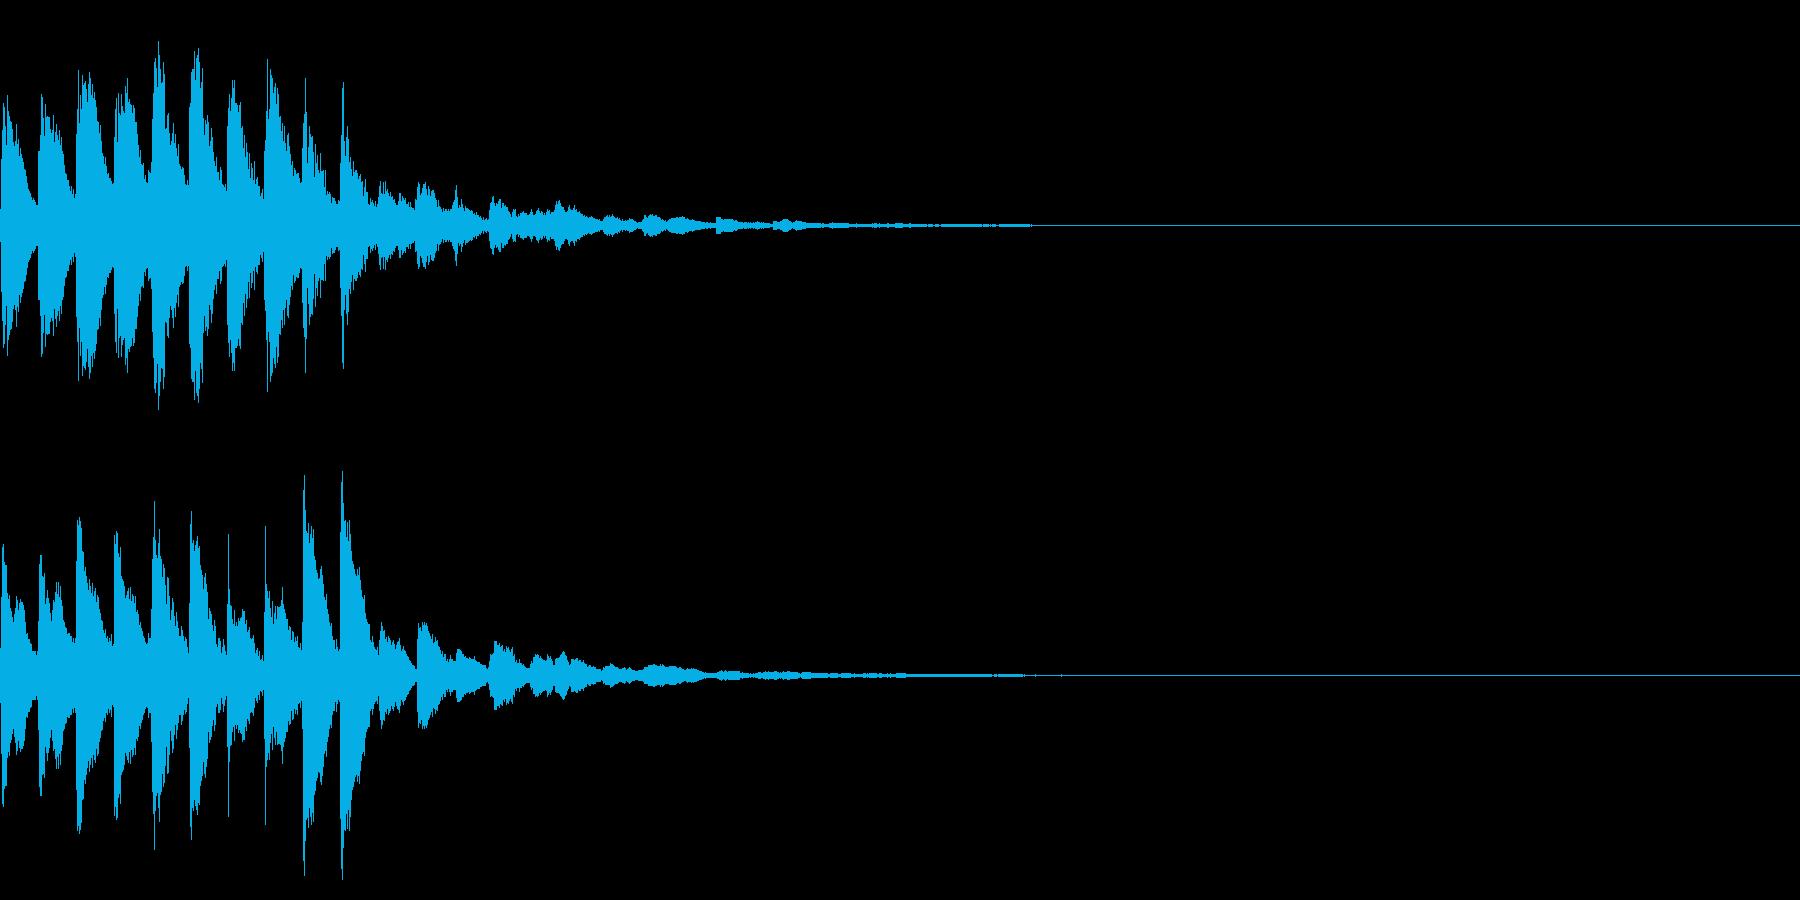 着信音2 キラキラのマリンバ スワイプの再生済みの波形